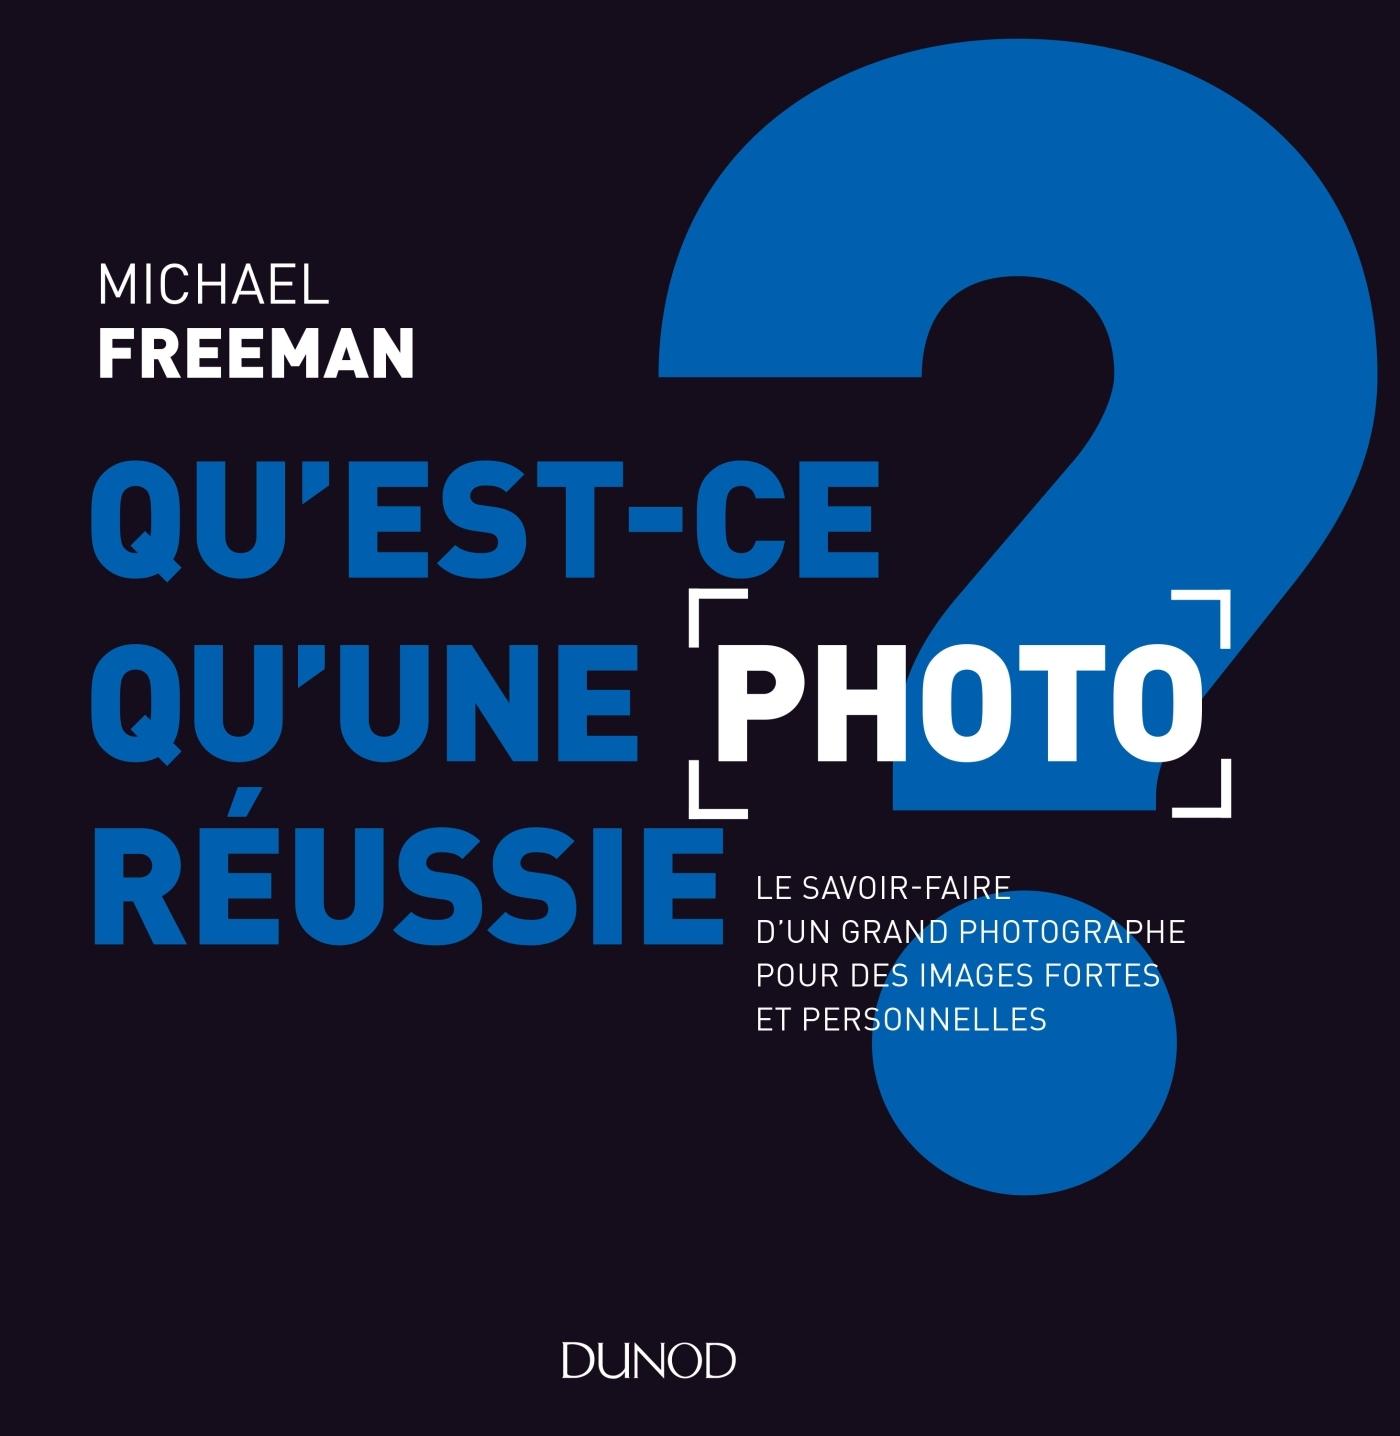 QU'EST-CE QU'UNE PHOTO REUSSIE ? LE SAVOIR-FAIRE D'UN GRAND PHOTOGRAPHE POUR DES IMAGES FORTES ET PE